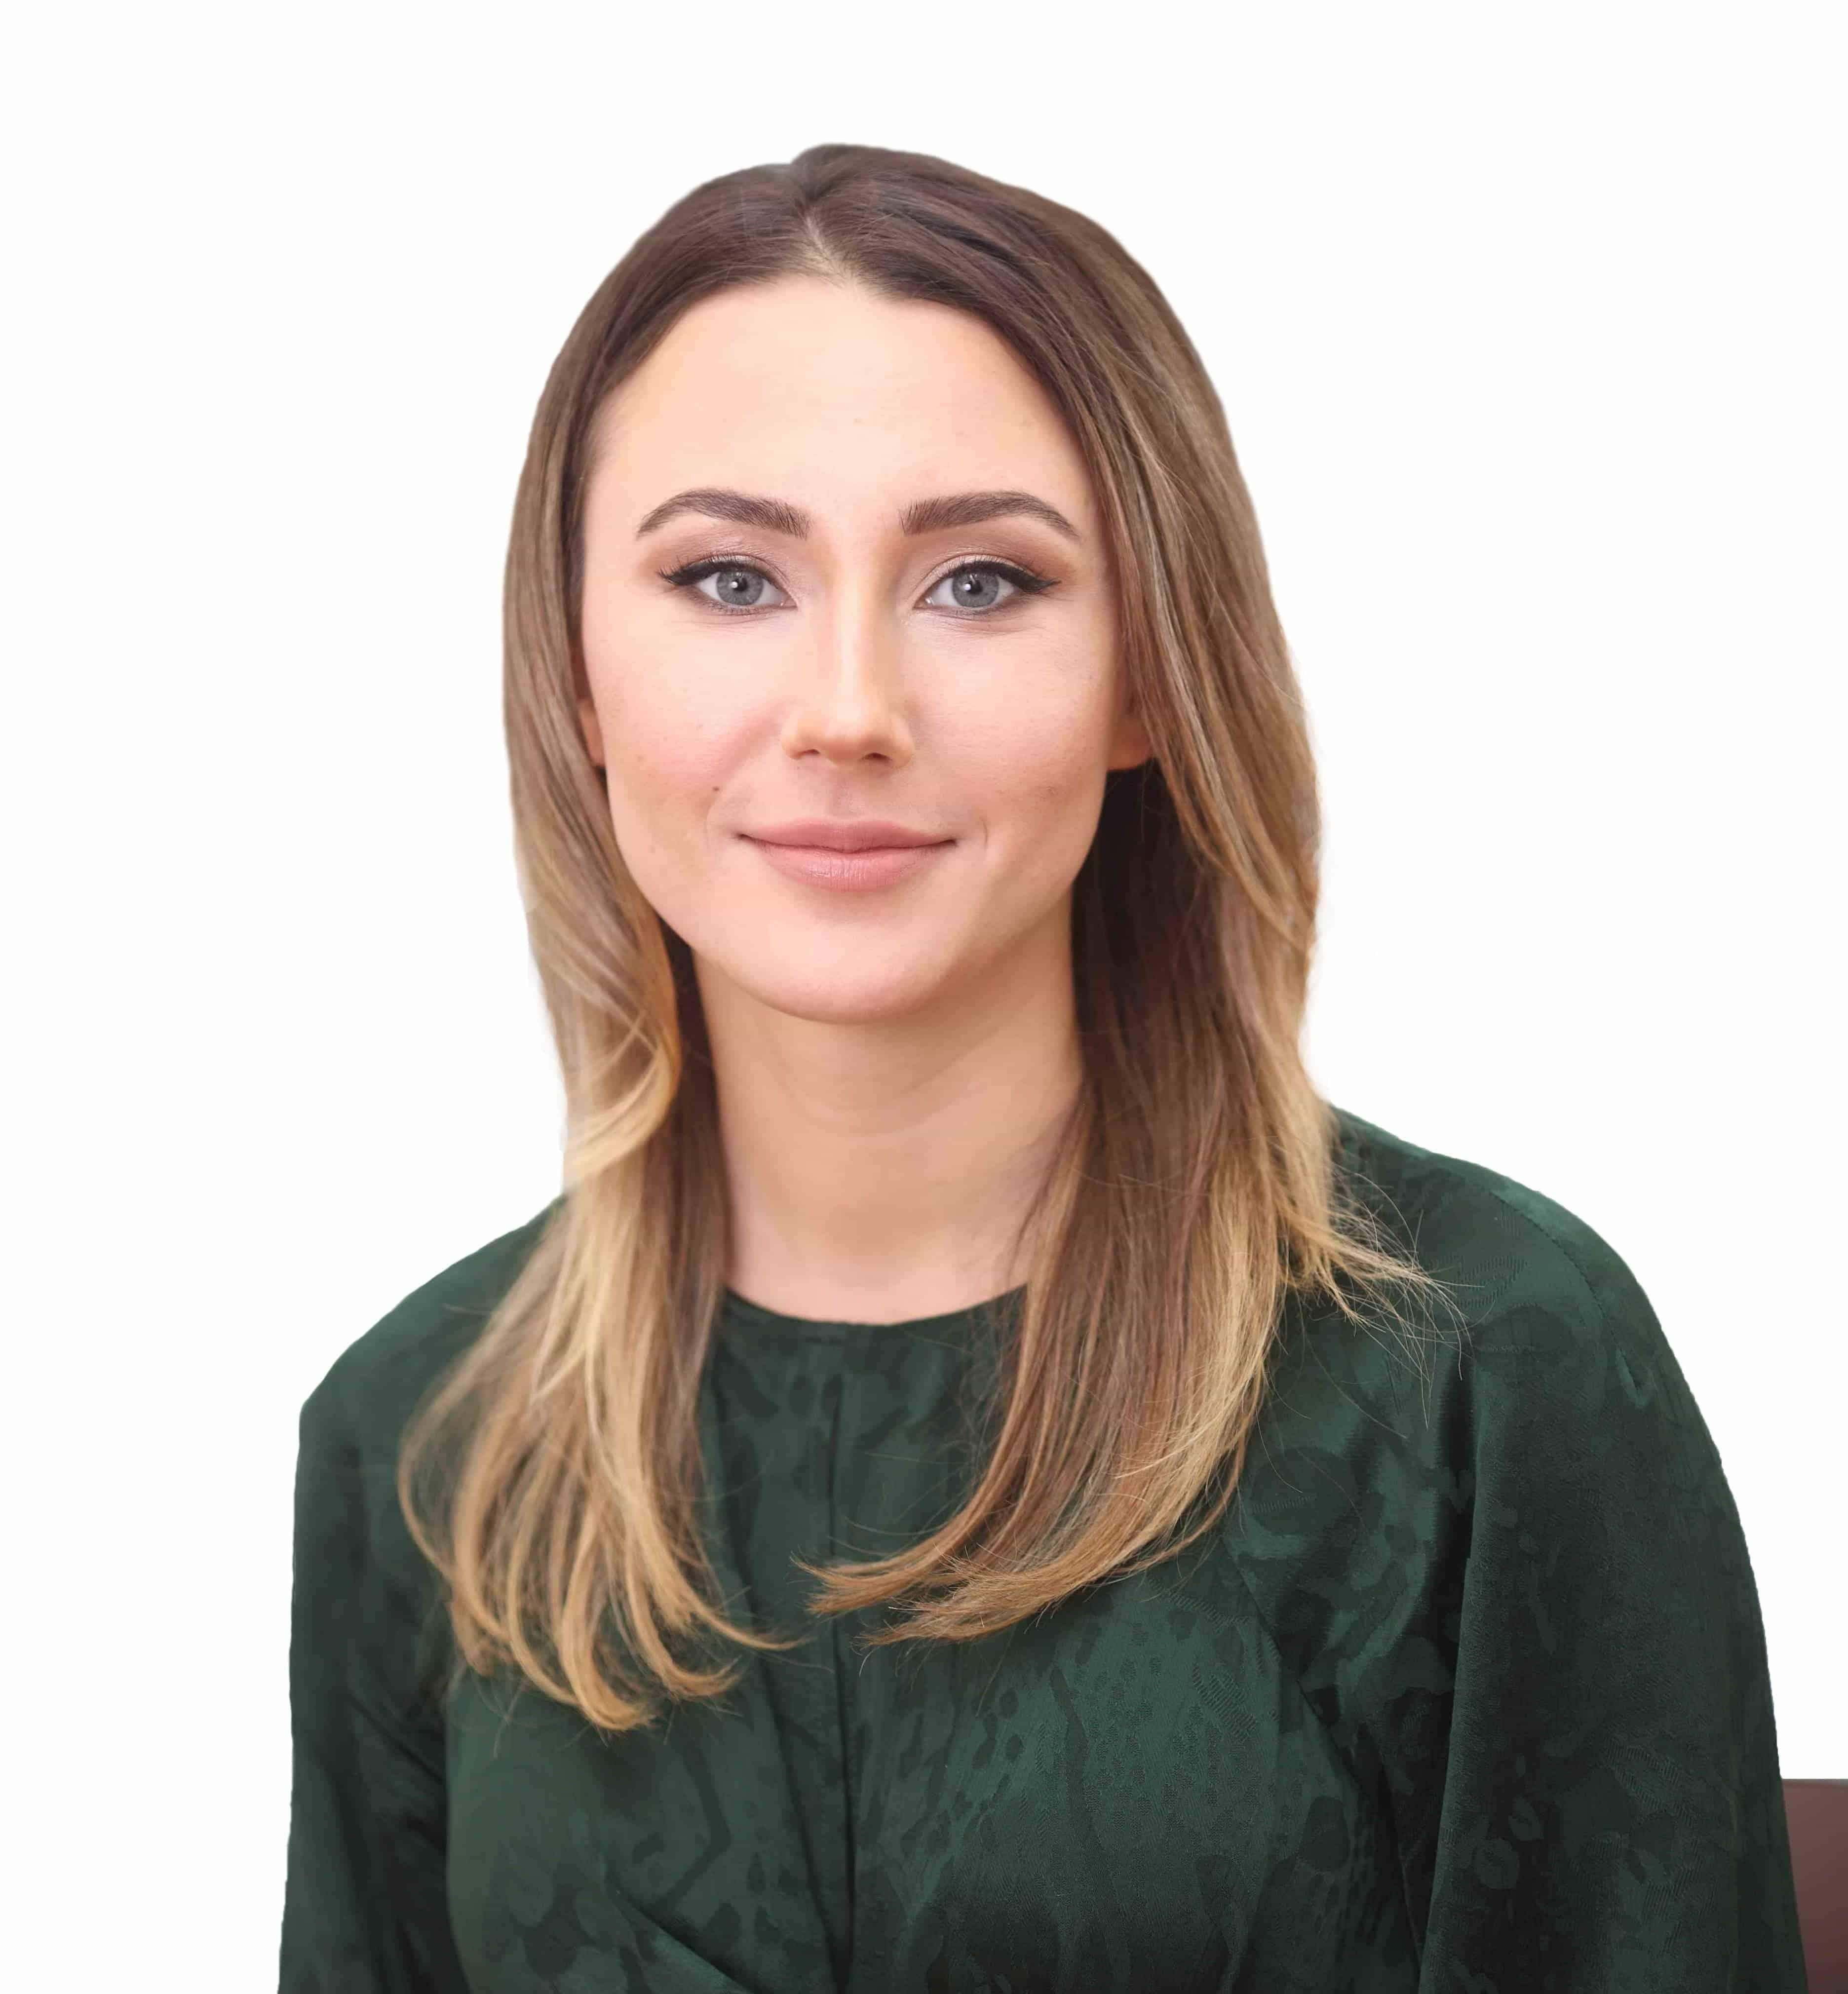 Клинический психолог, психолог, психотерапевт Прокофьева Анна Вячеславовна